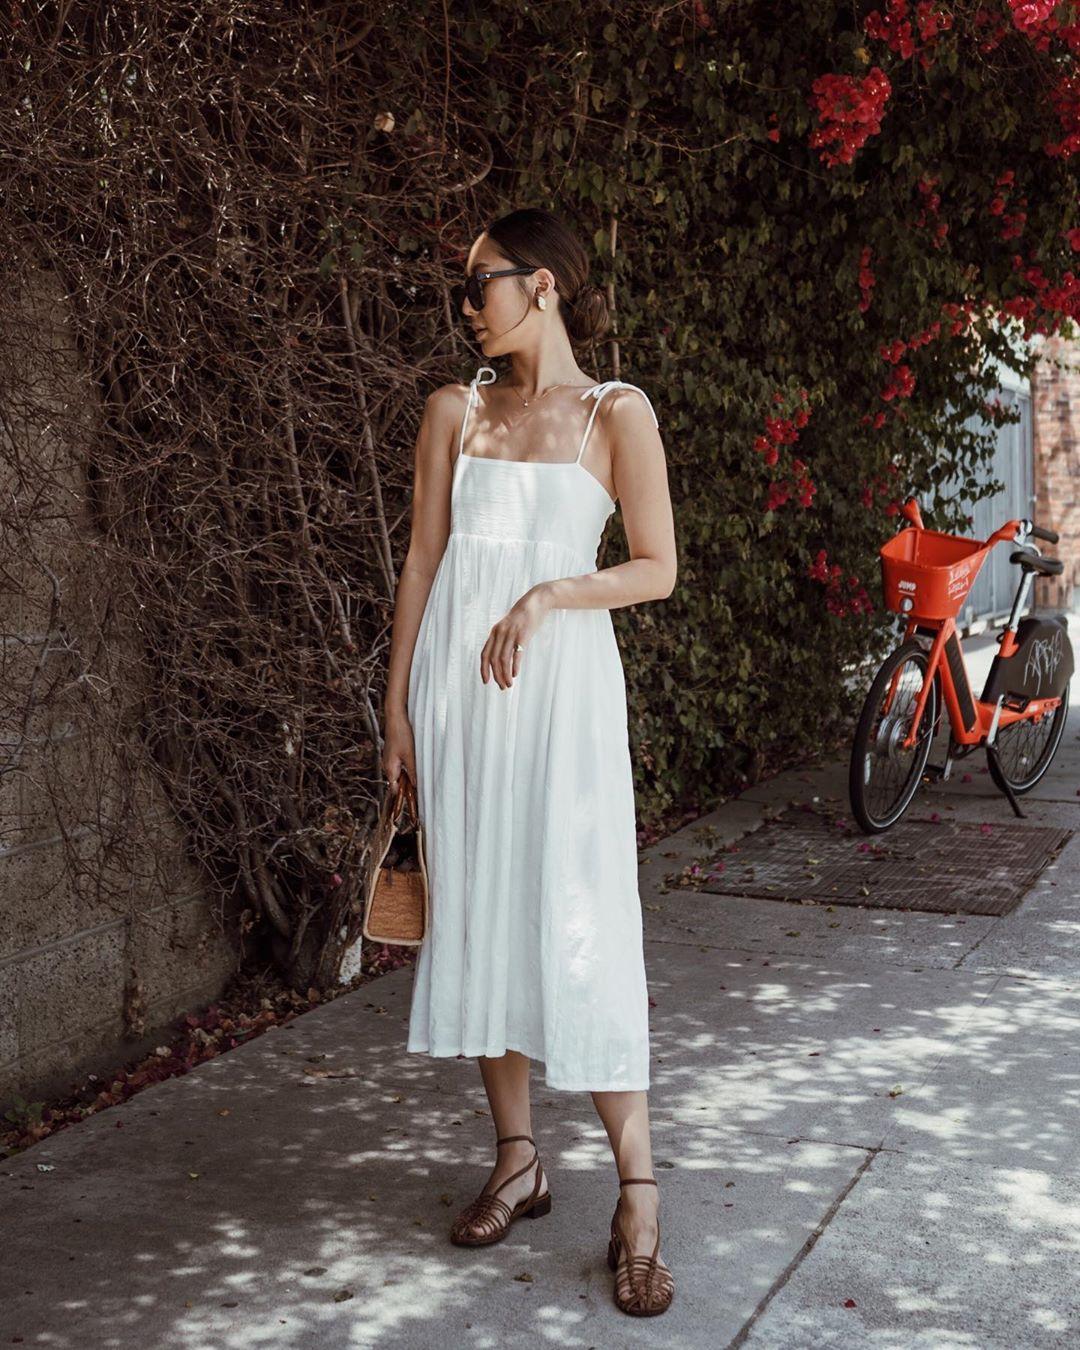 đầm cho dáng hình chữ nhật đầm váy xòe trắng sophia chang